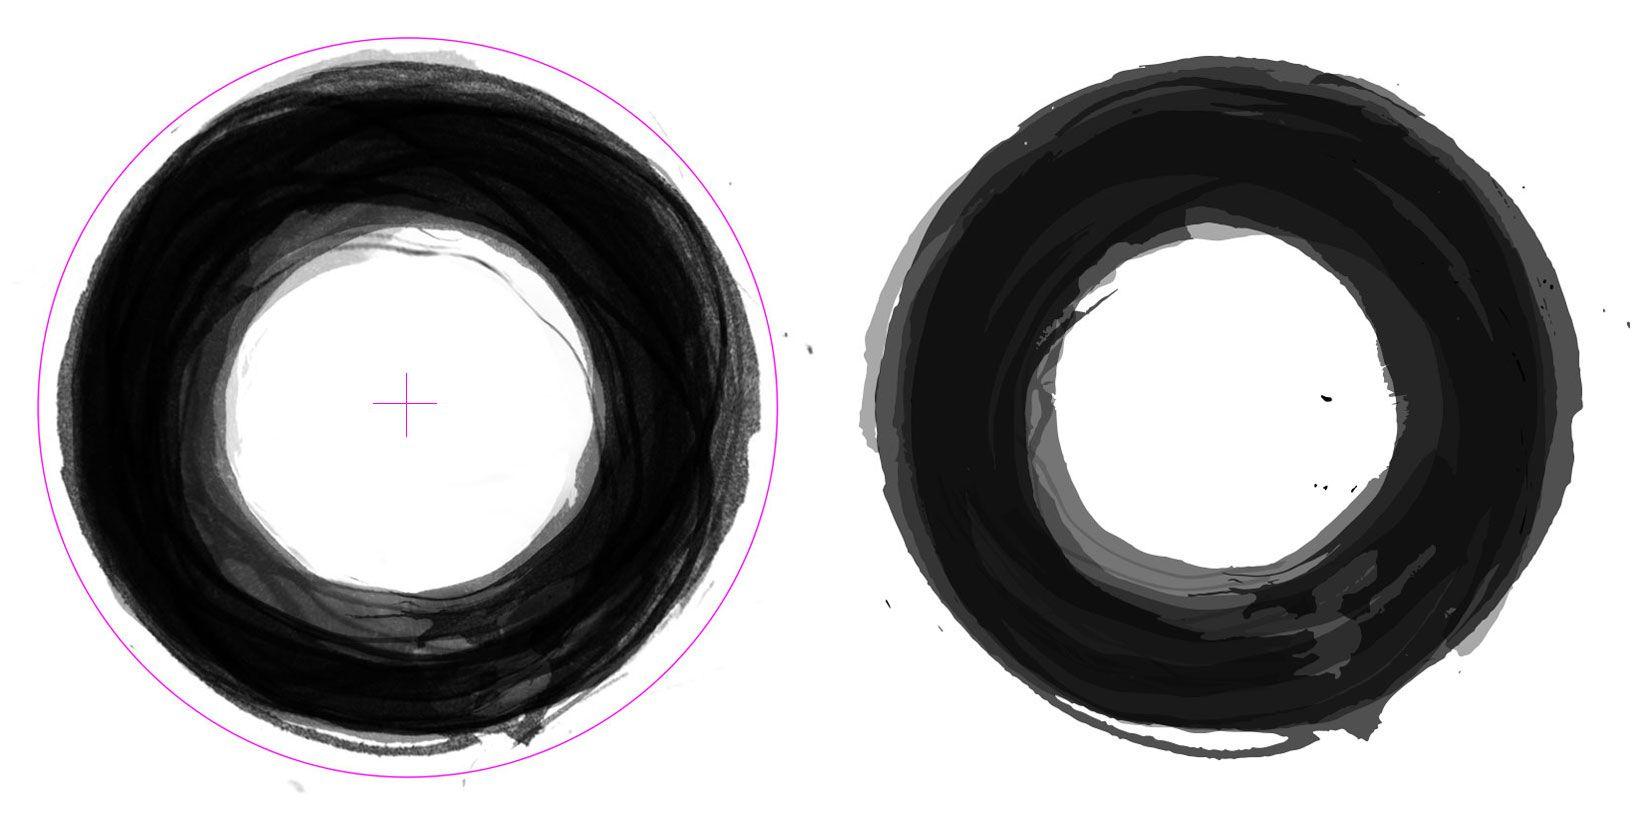 CircularPE